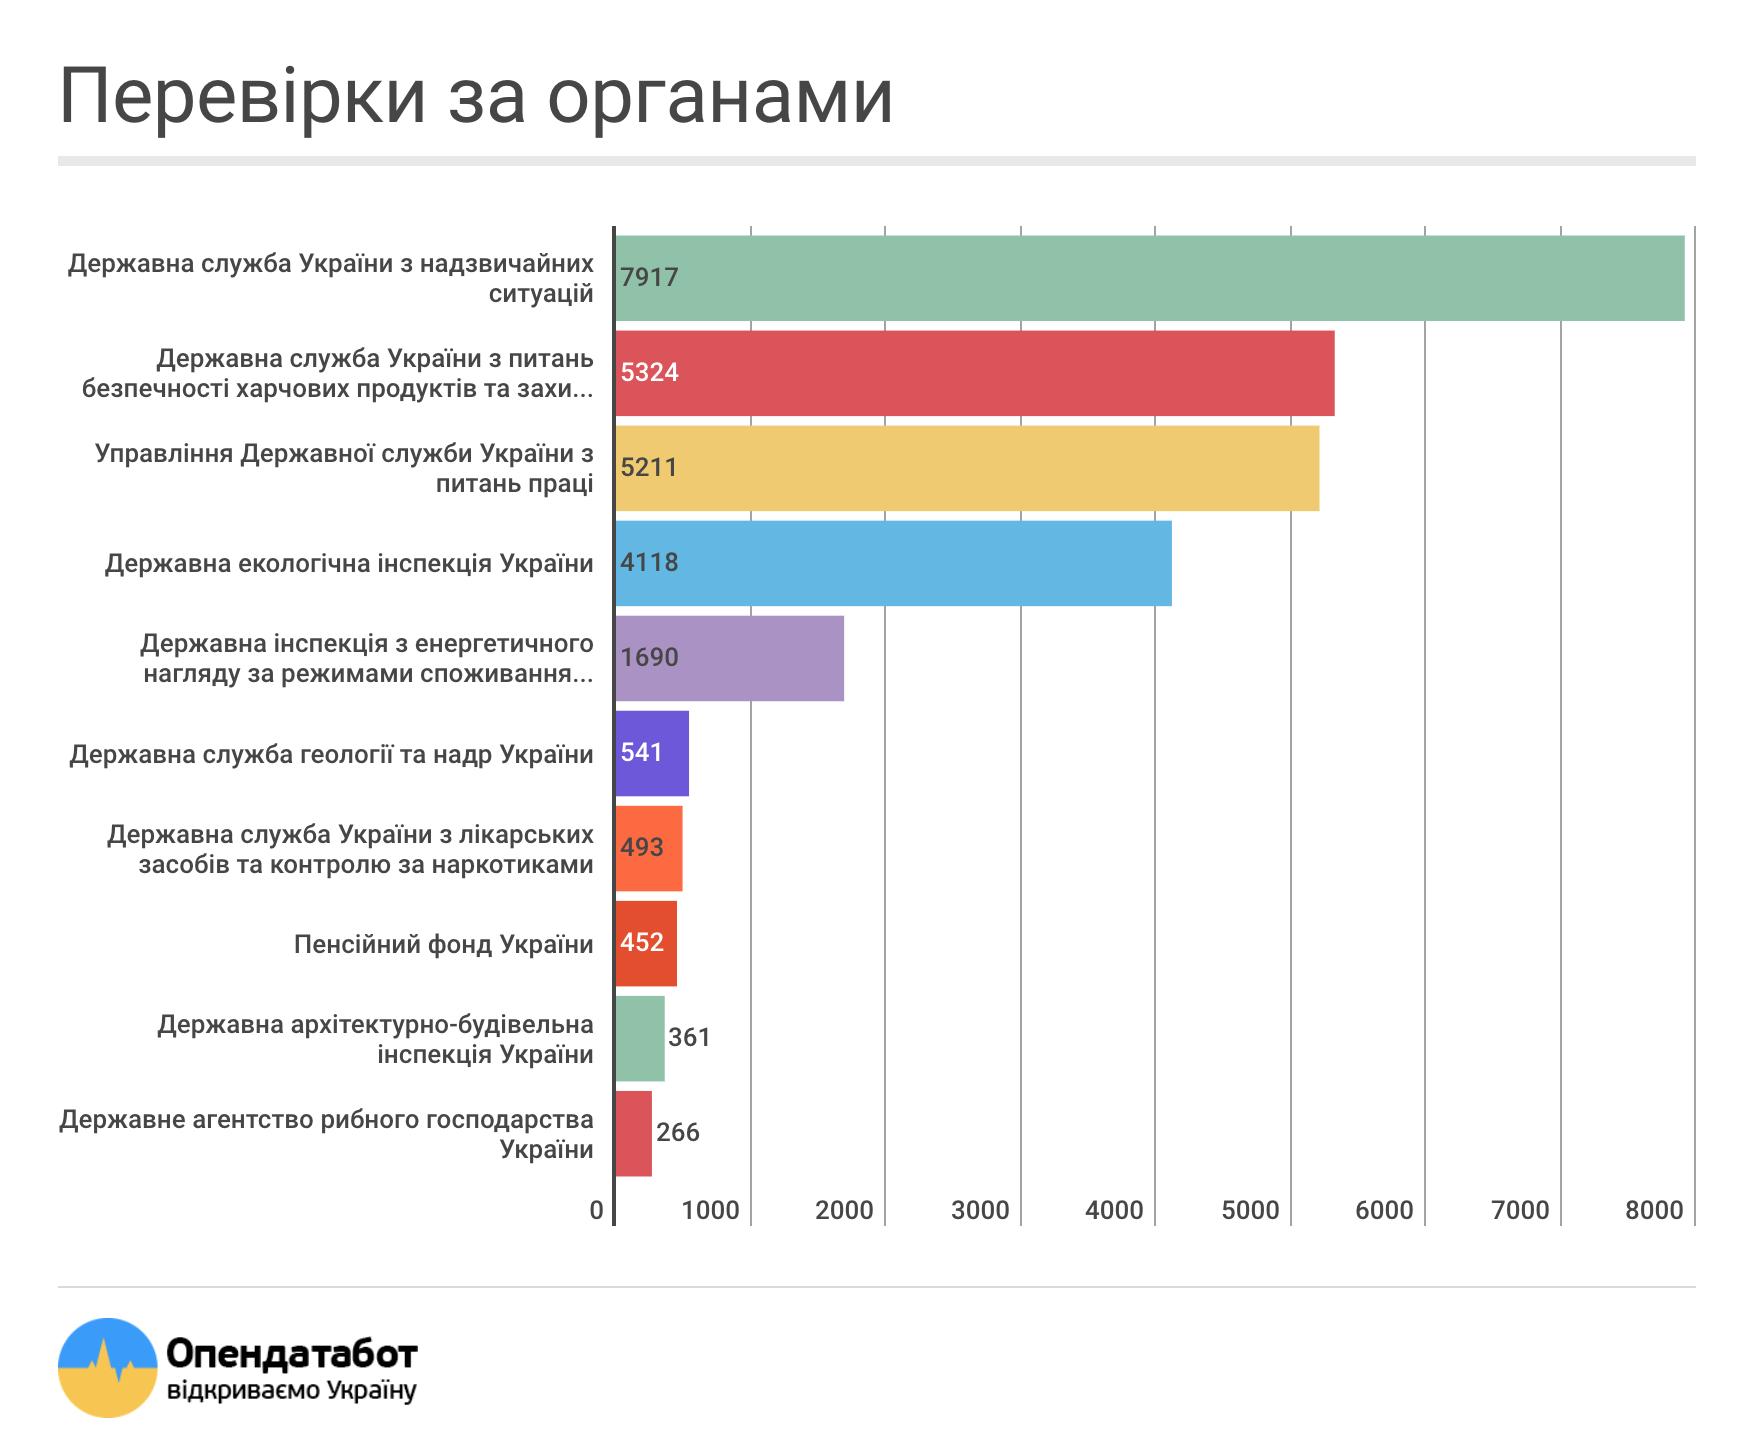 Перспективы малого бизнеса в России в 2018 году